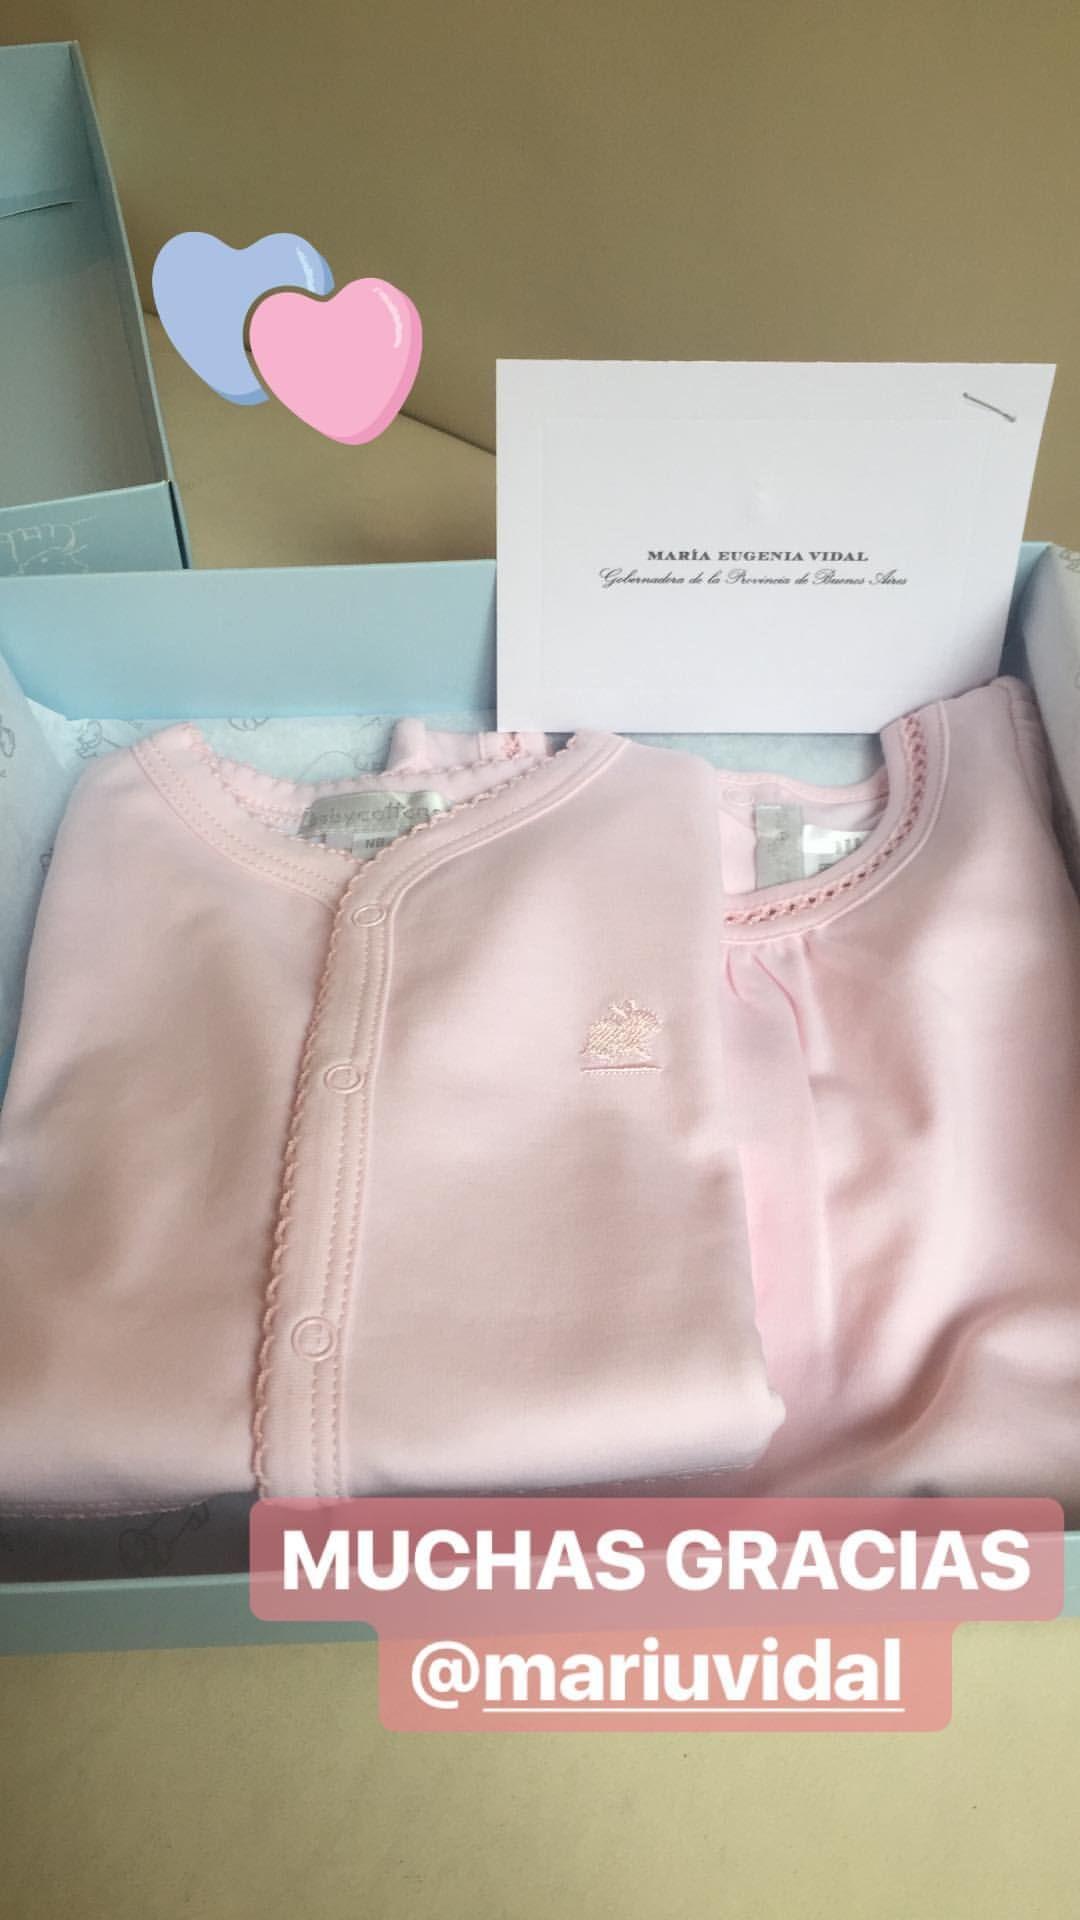 El regalo de Vidal a Insaurralde por el nacimiento de Chloé